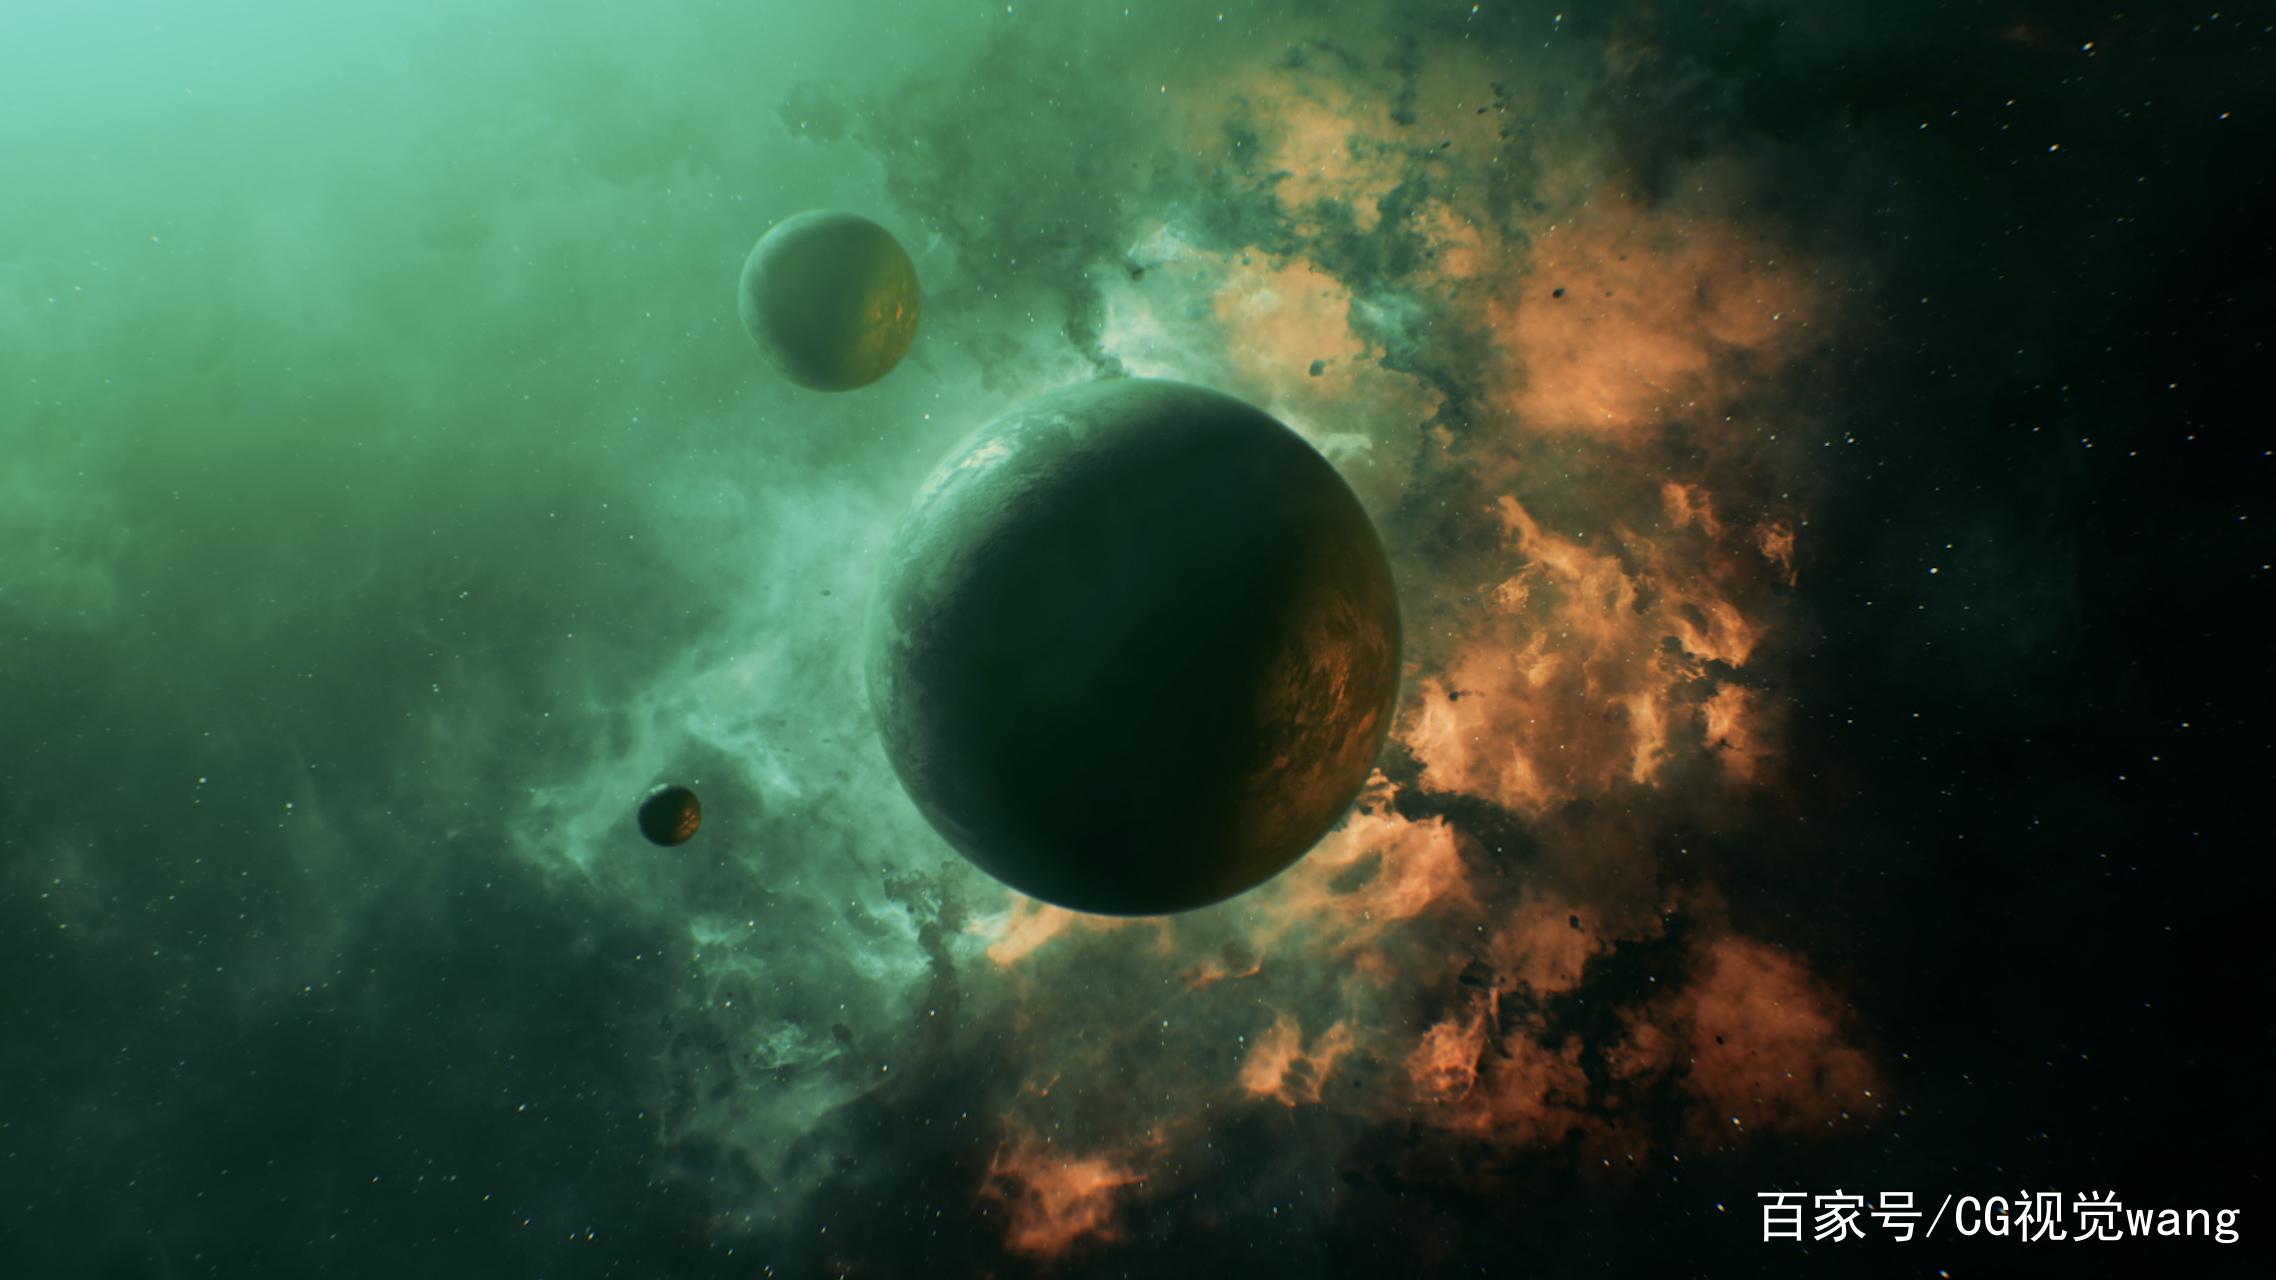 Nebula-Planet